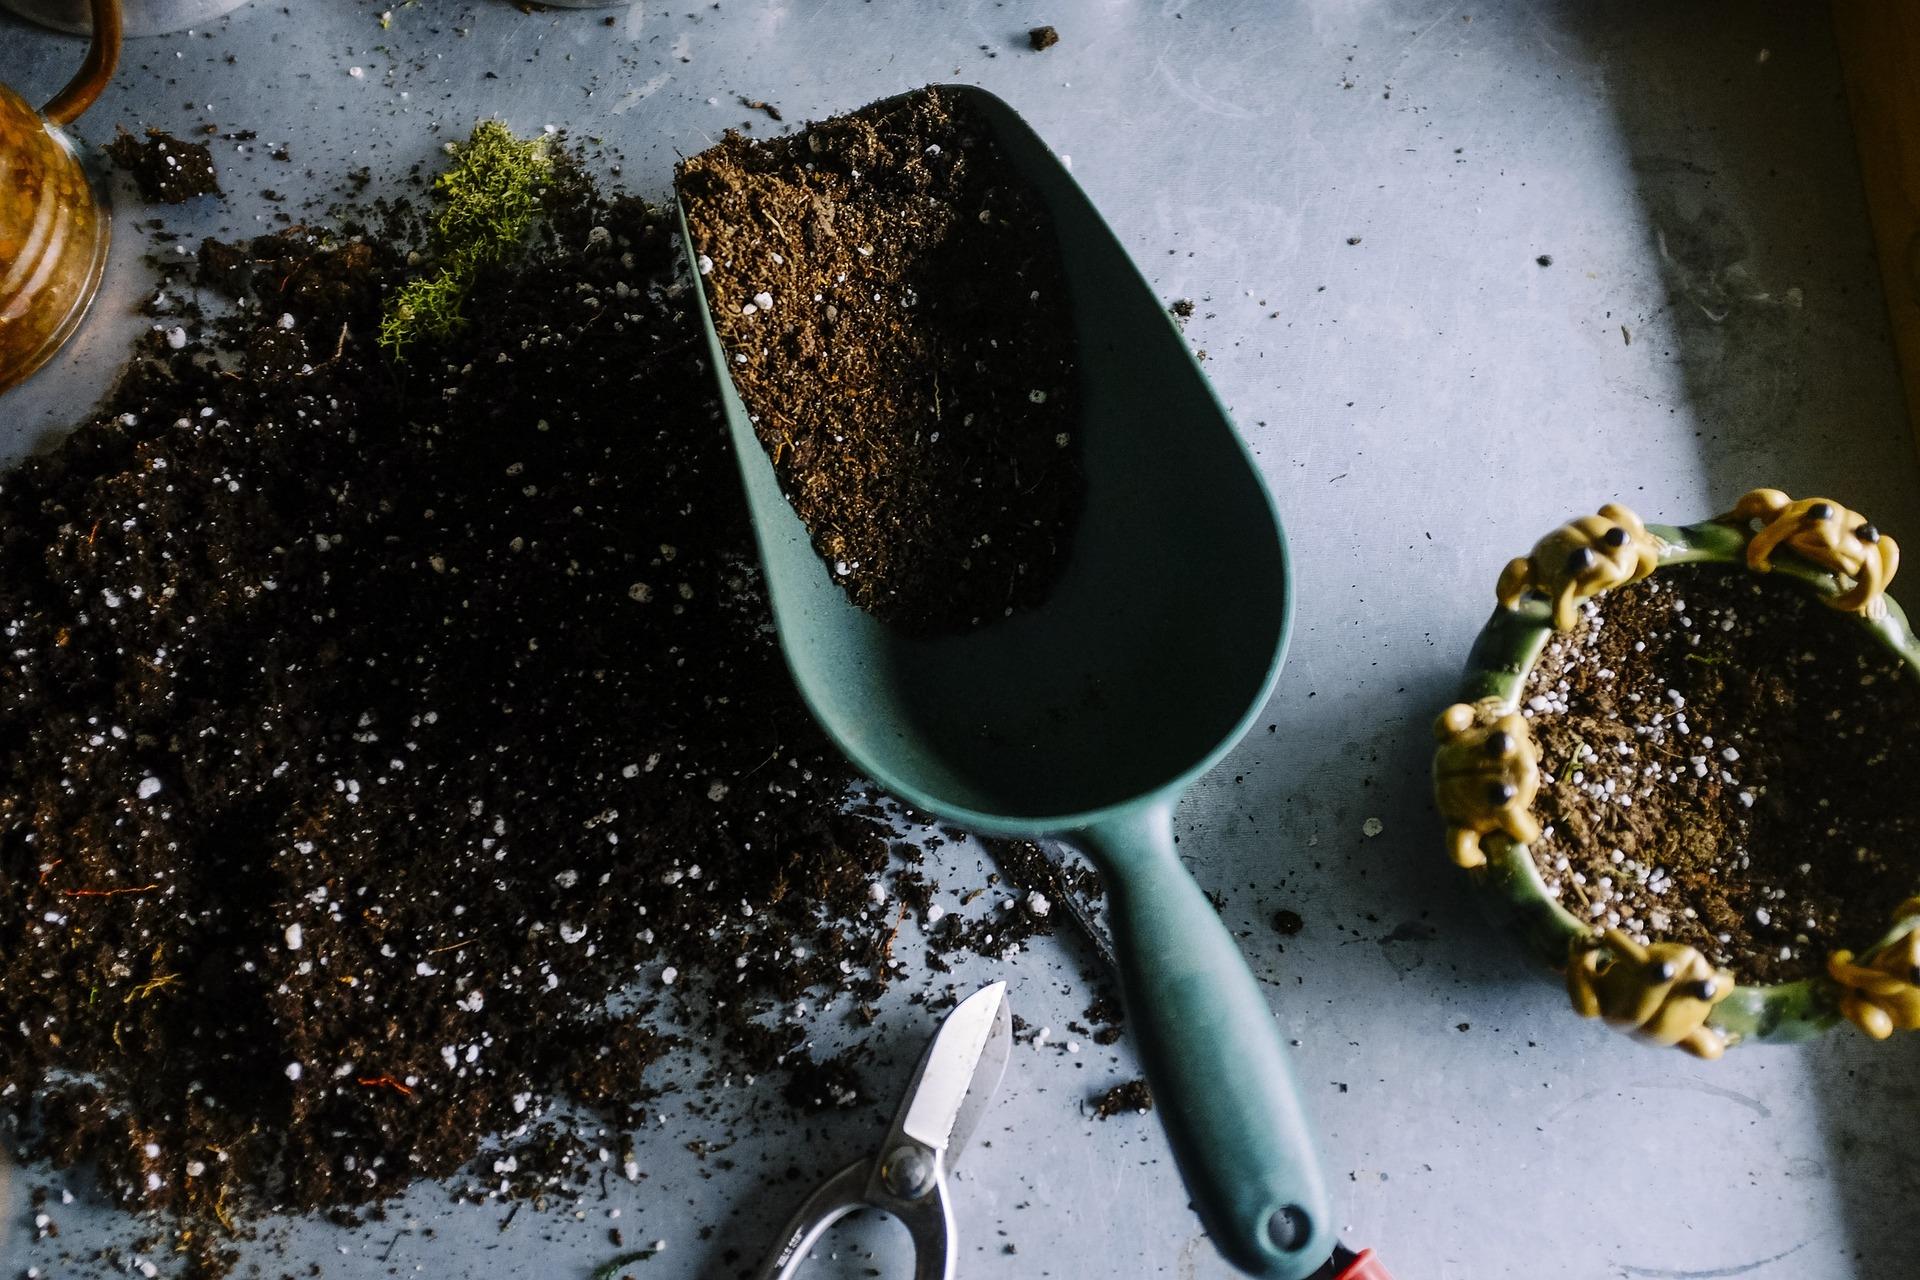 Erde und eine Schaufel mit Erde befüllt liegen auf einem grauen Tisch. Daneben eine Schere und ein Blumentopf mit Erde befüllt.